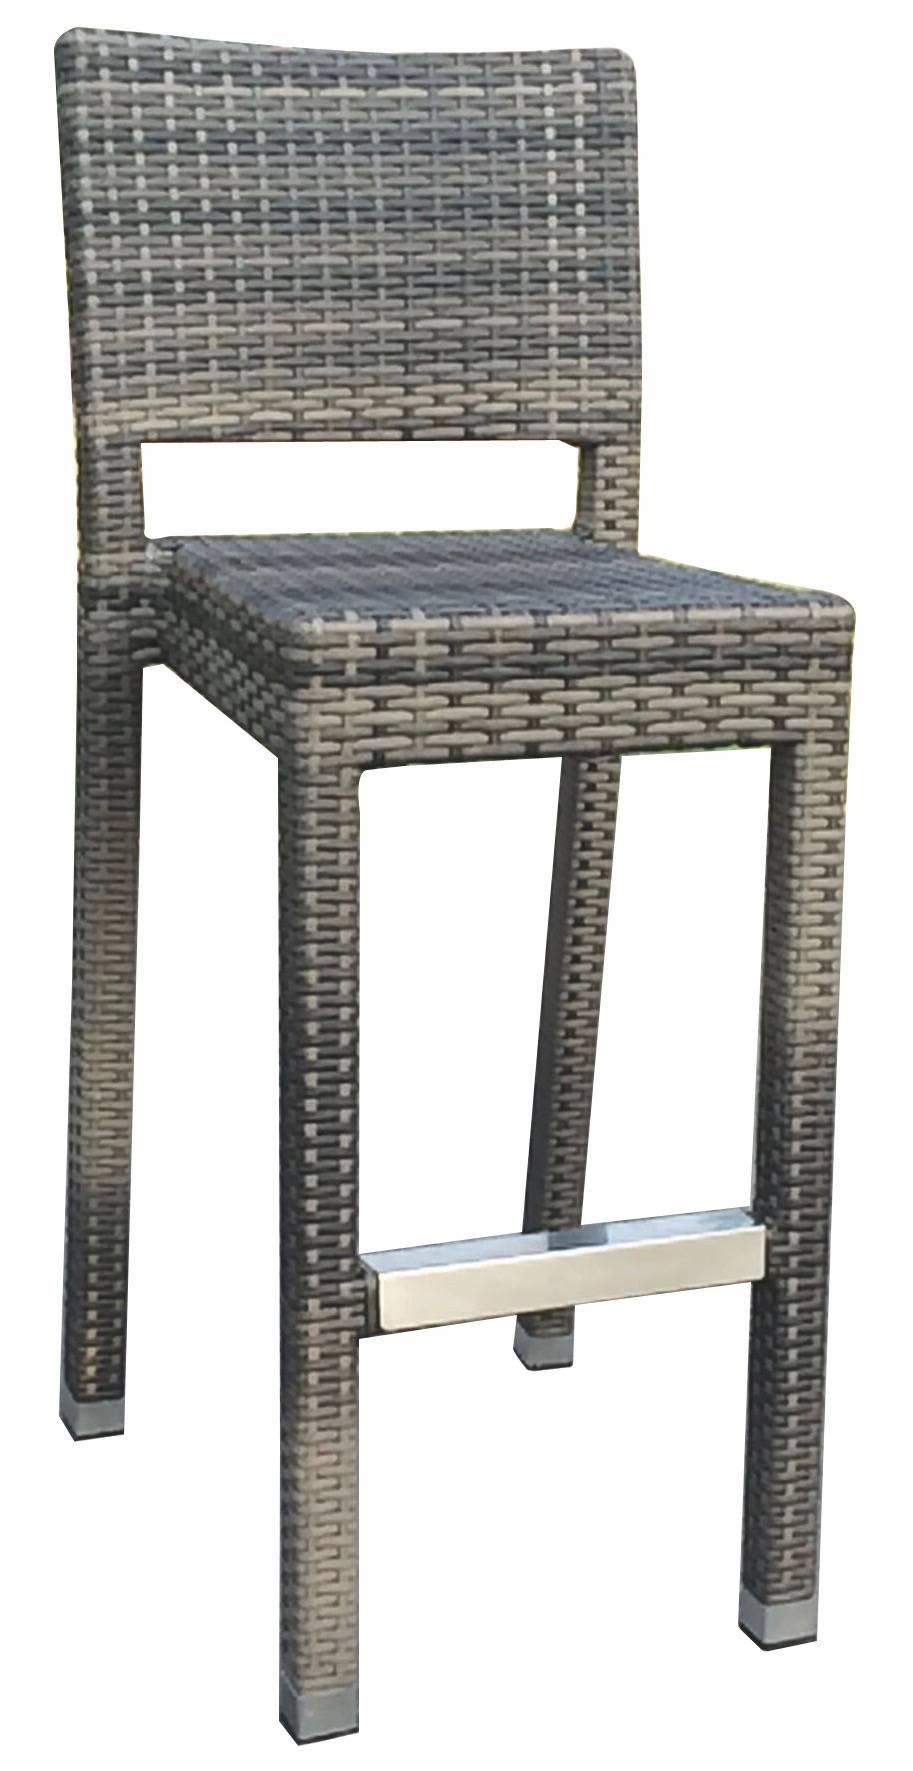 2-er Set acamp Barhocker 56965 mit Rückenlehne Maastricht